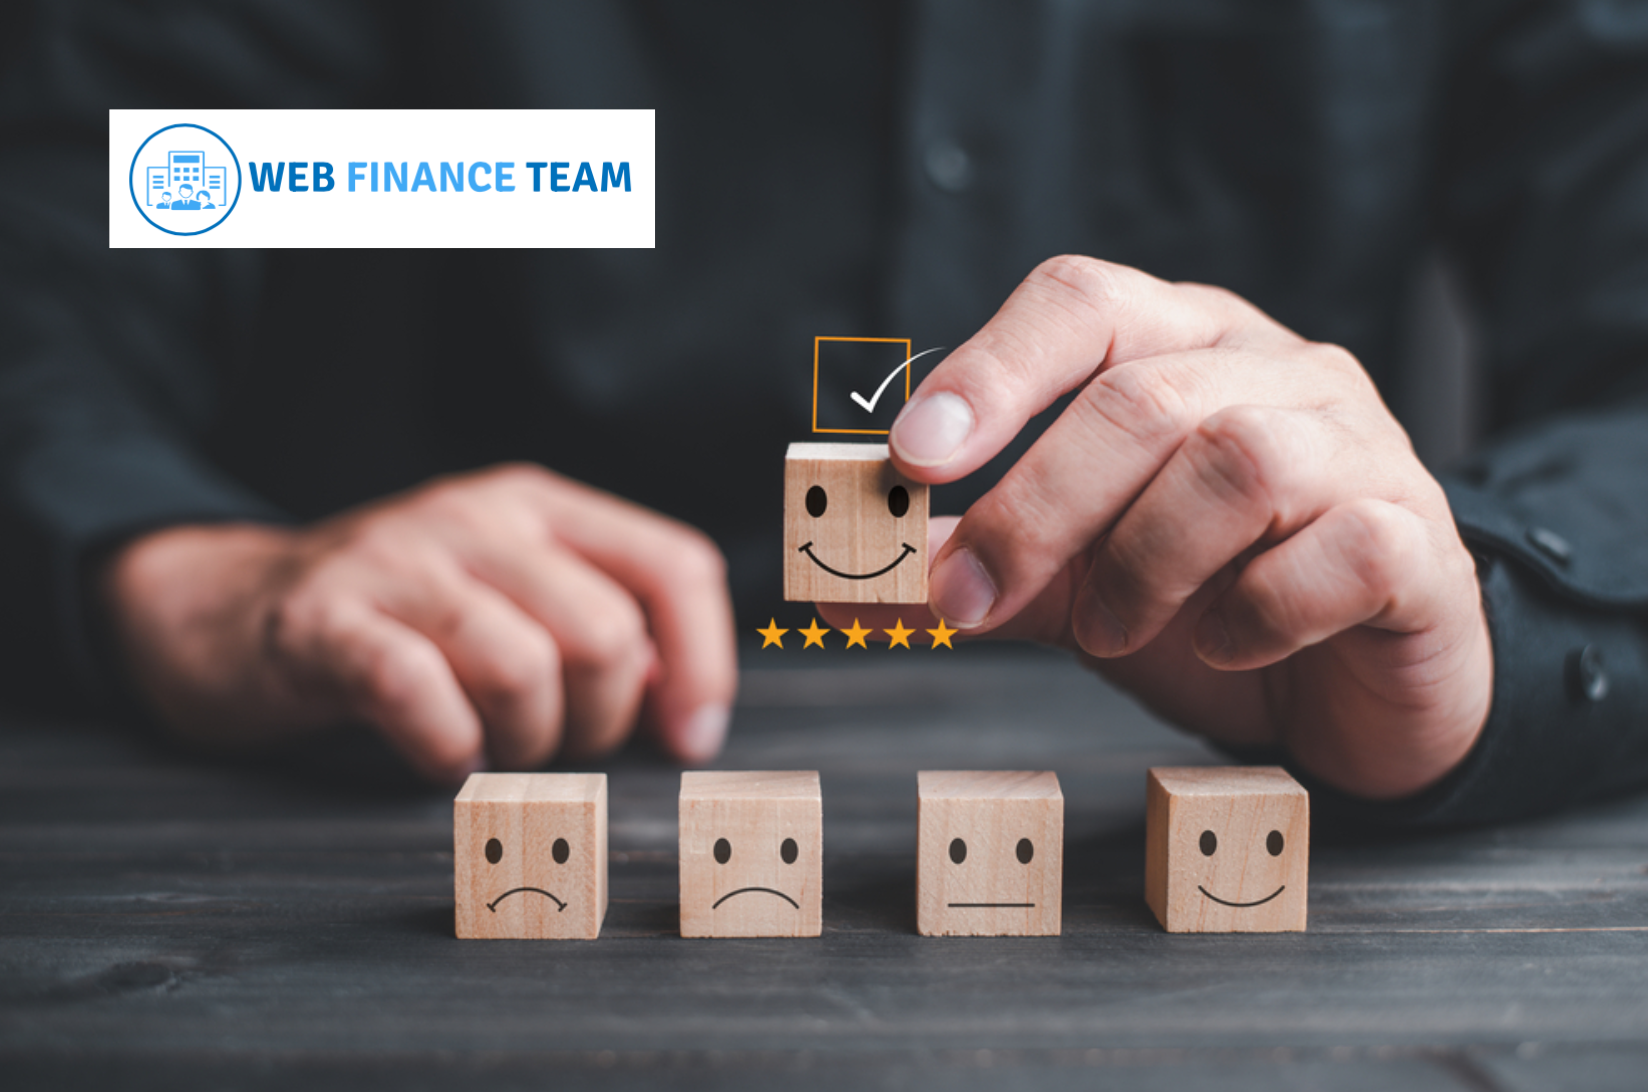 Web Finance Team LLC has an excellent customer support team.